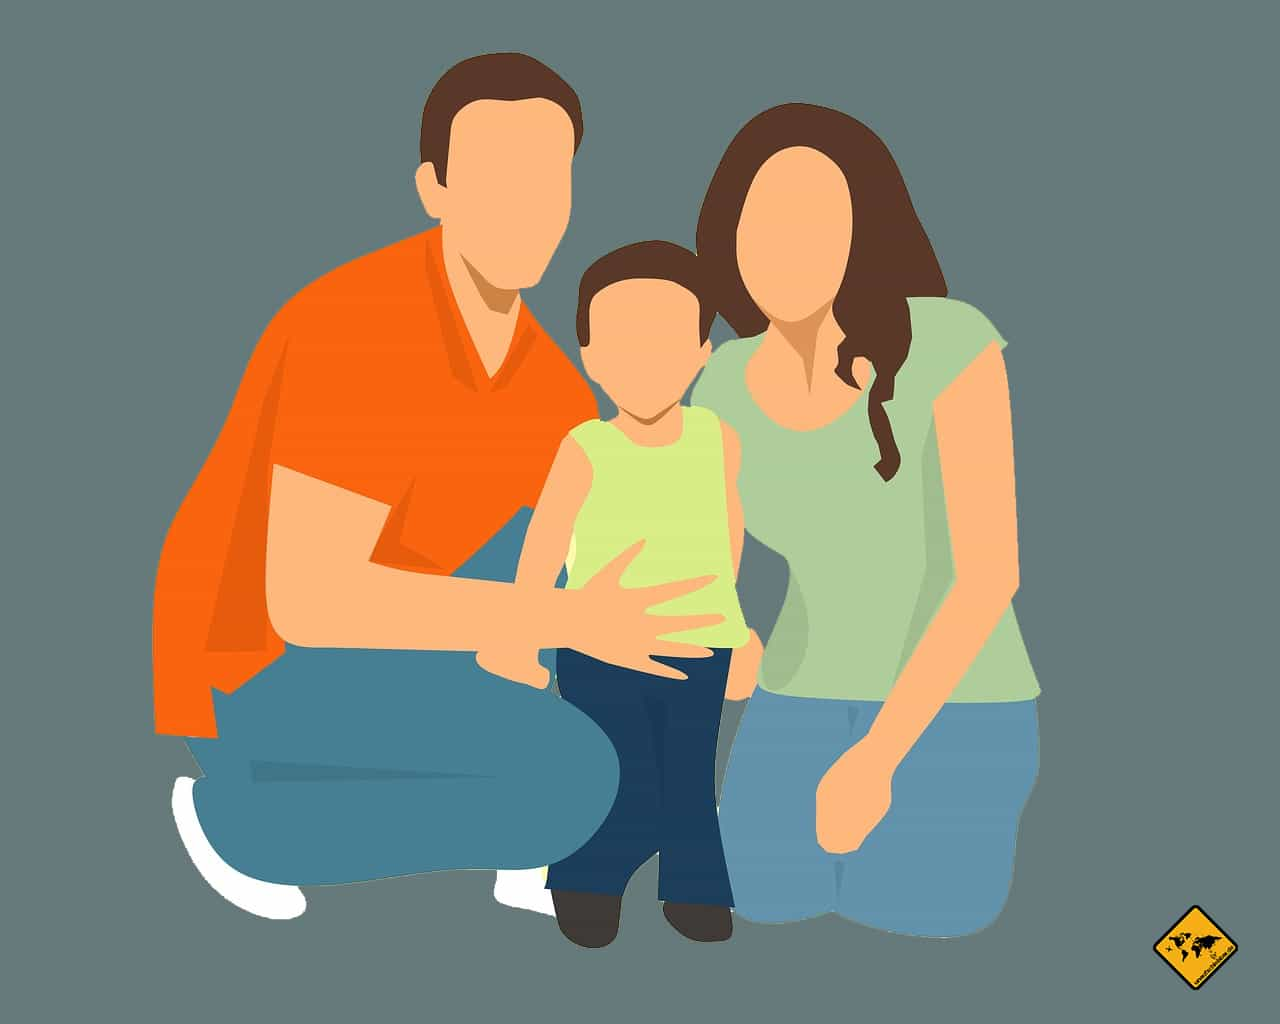 Vorteil remote work - Familie mehr Zeit